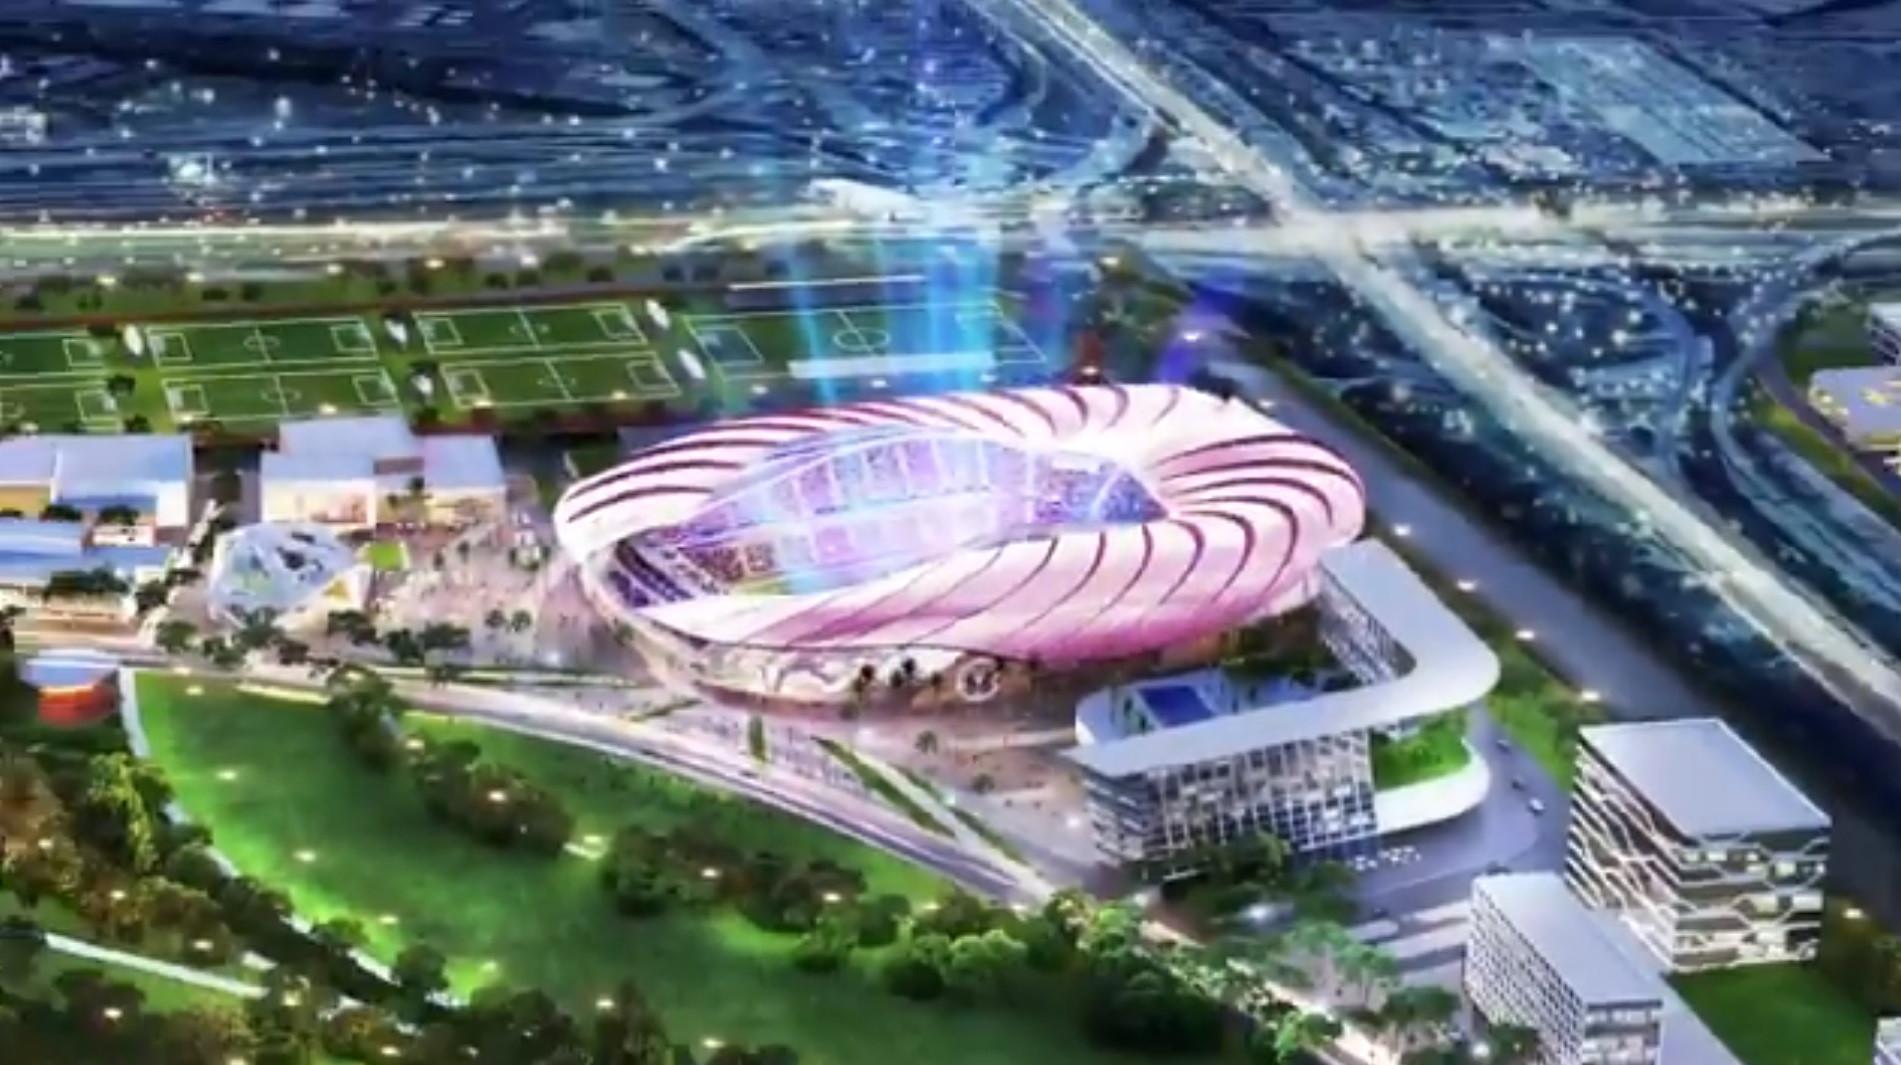 Desfeito o mistério: Inter Miami, de David Beckham, apresenta o estádio